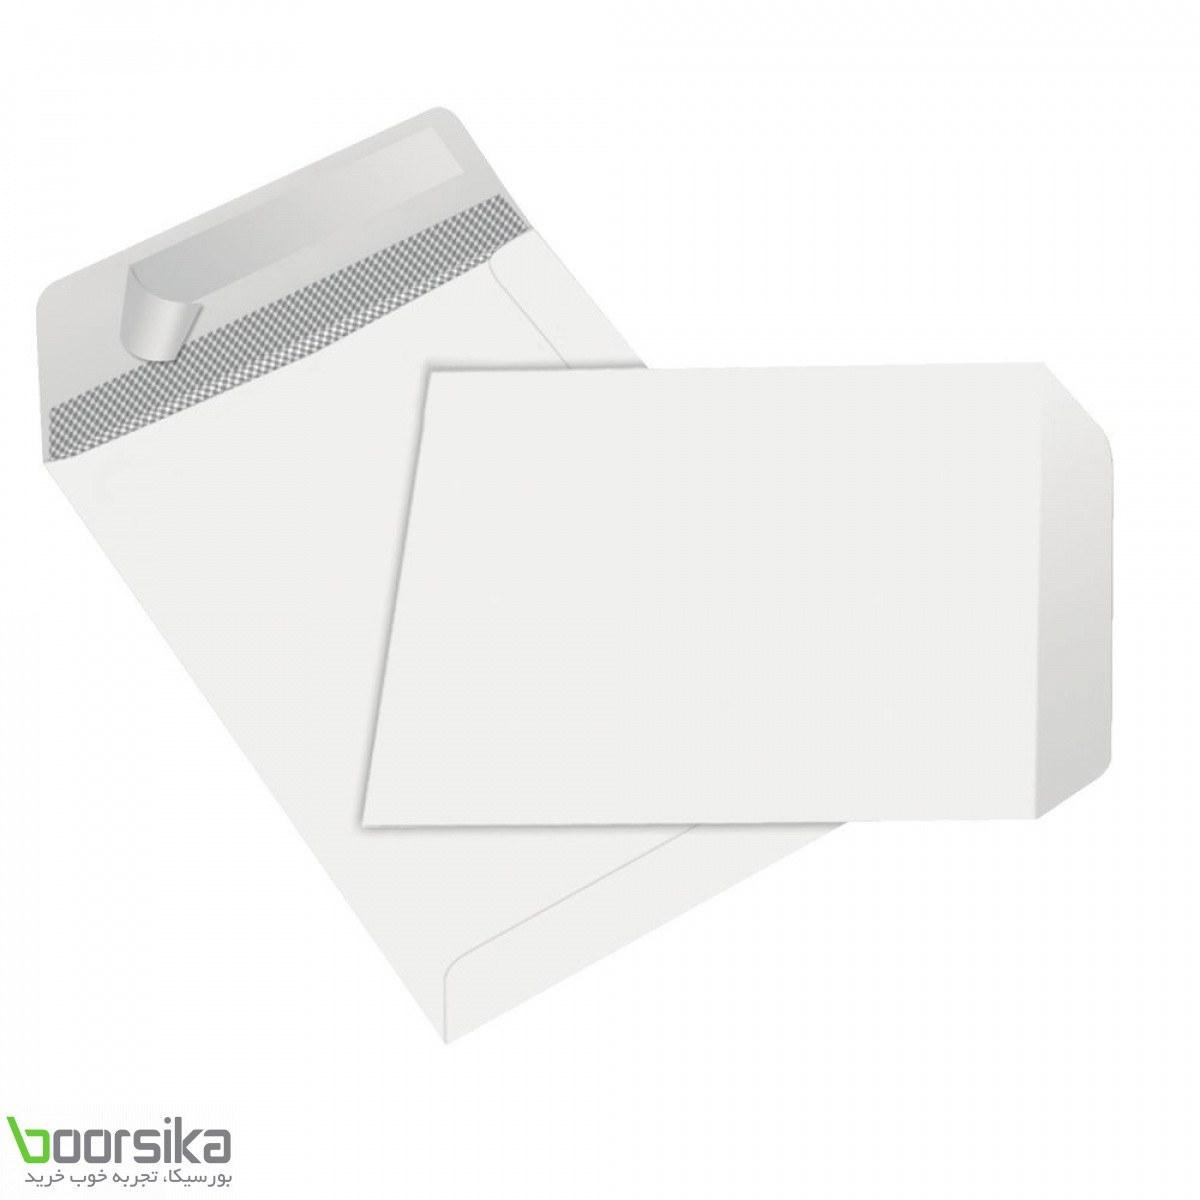 پاکت A4 سفید 160 گرمی (بسته 500 تایی)